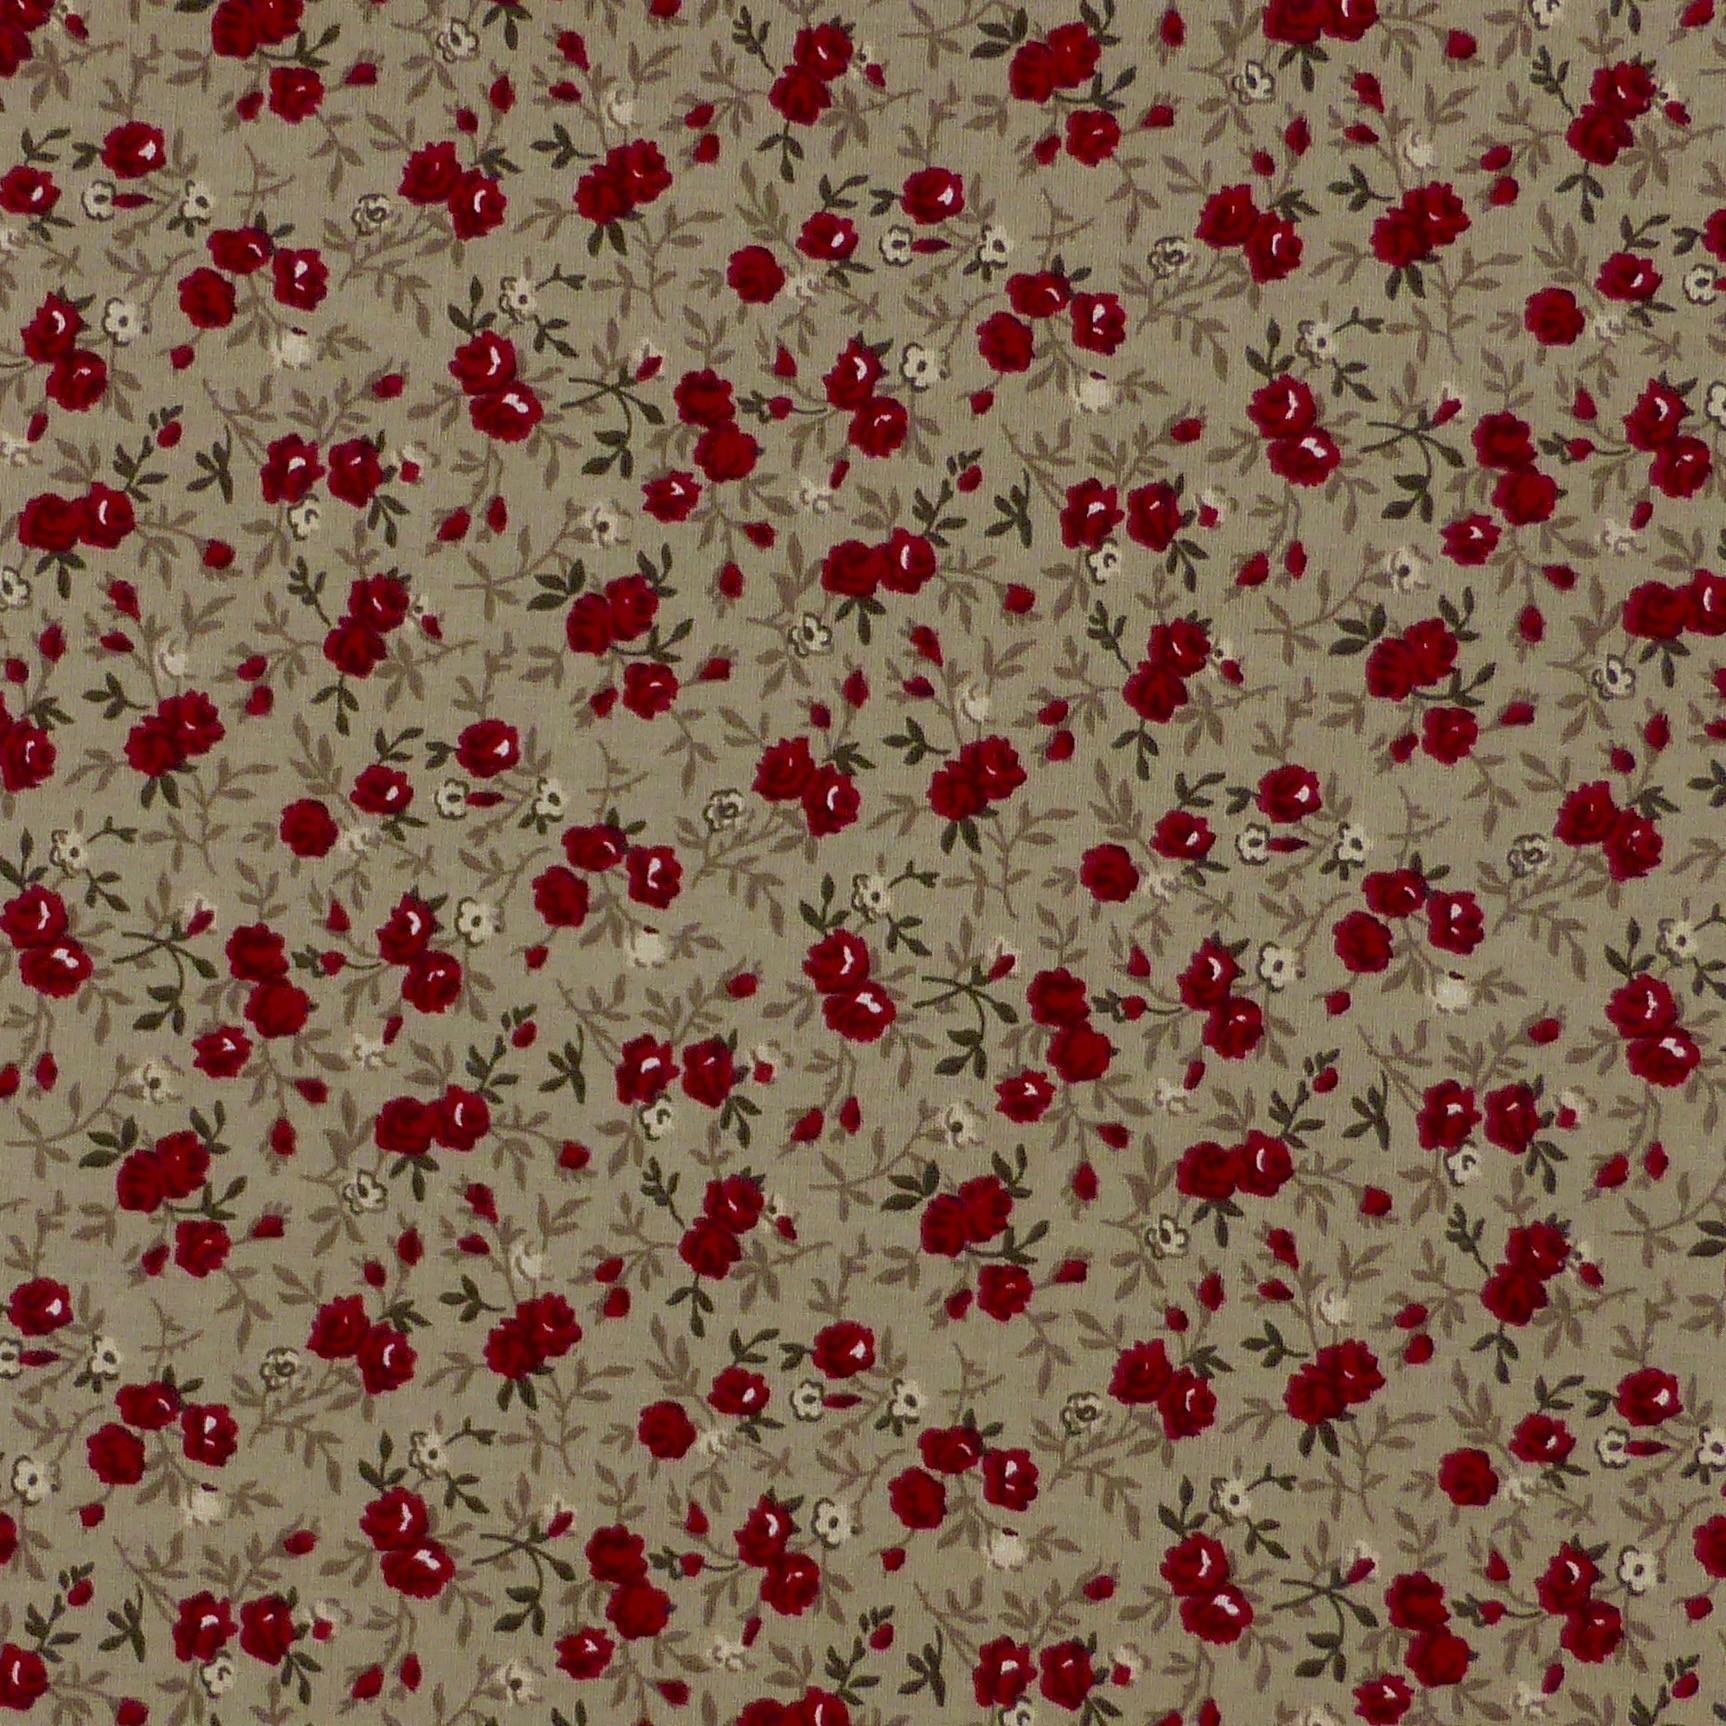 Tissu fleurs petites rouges